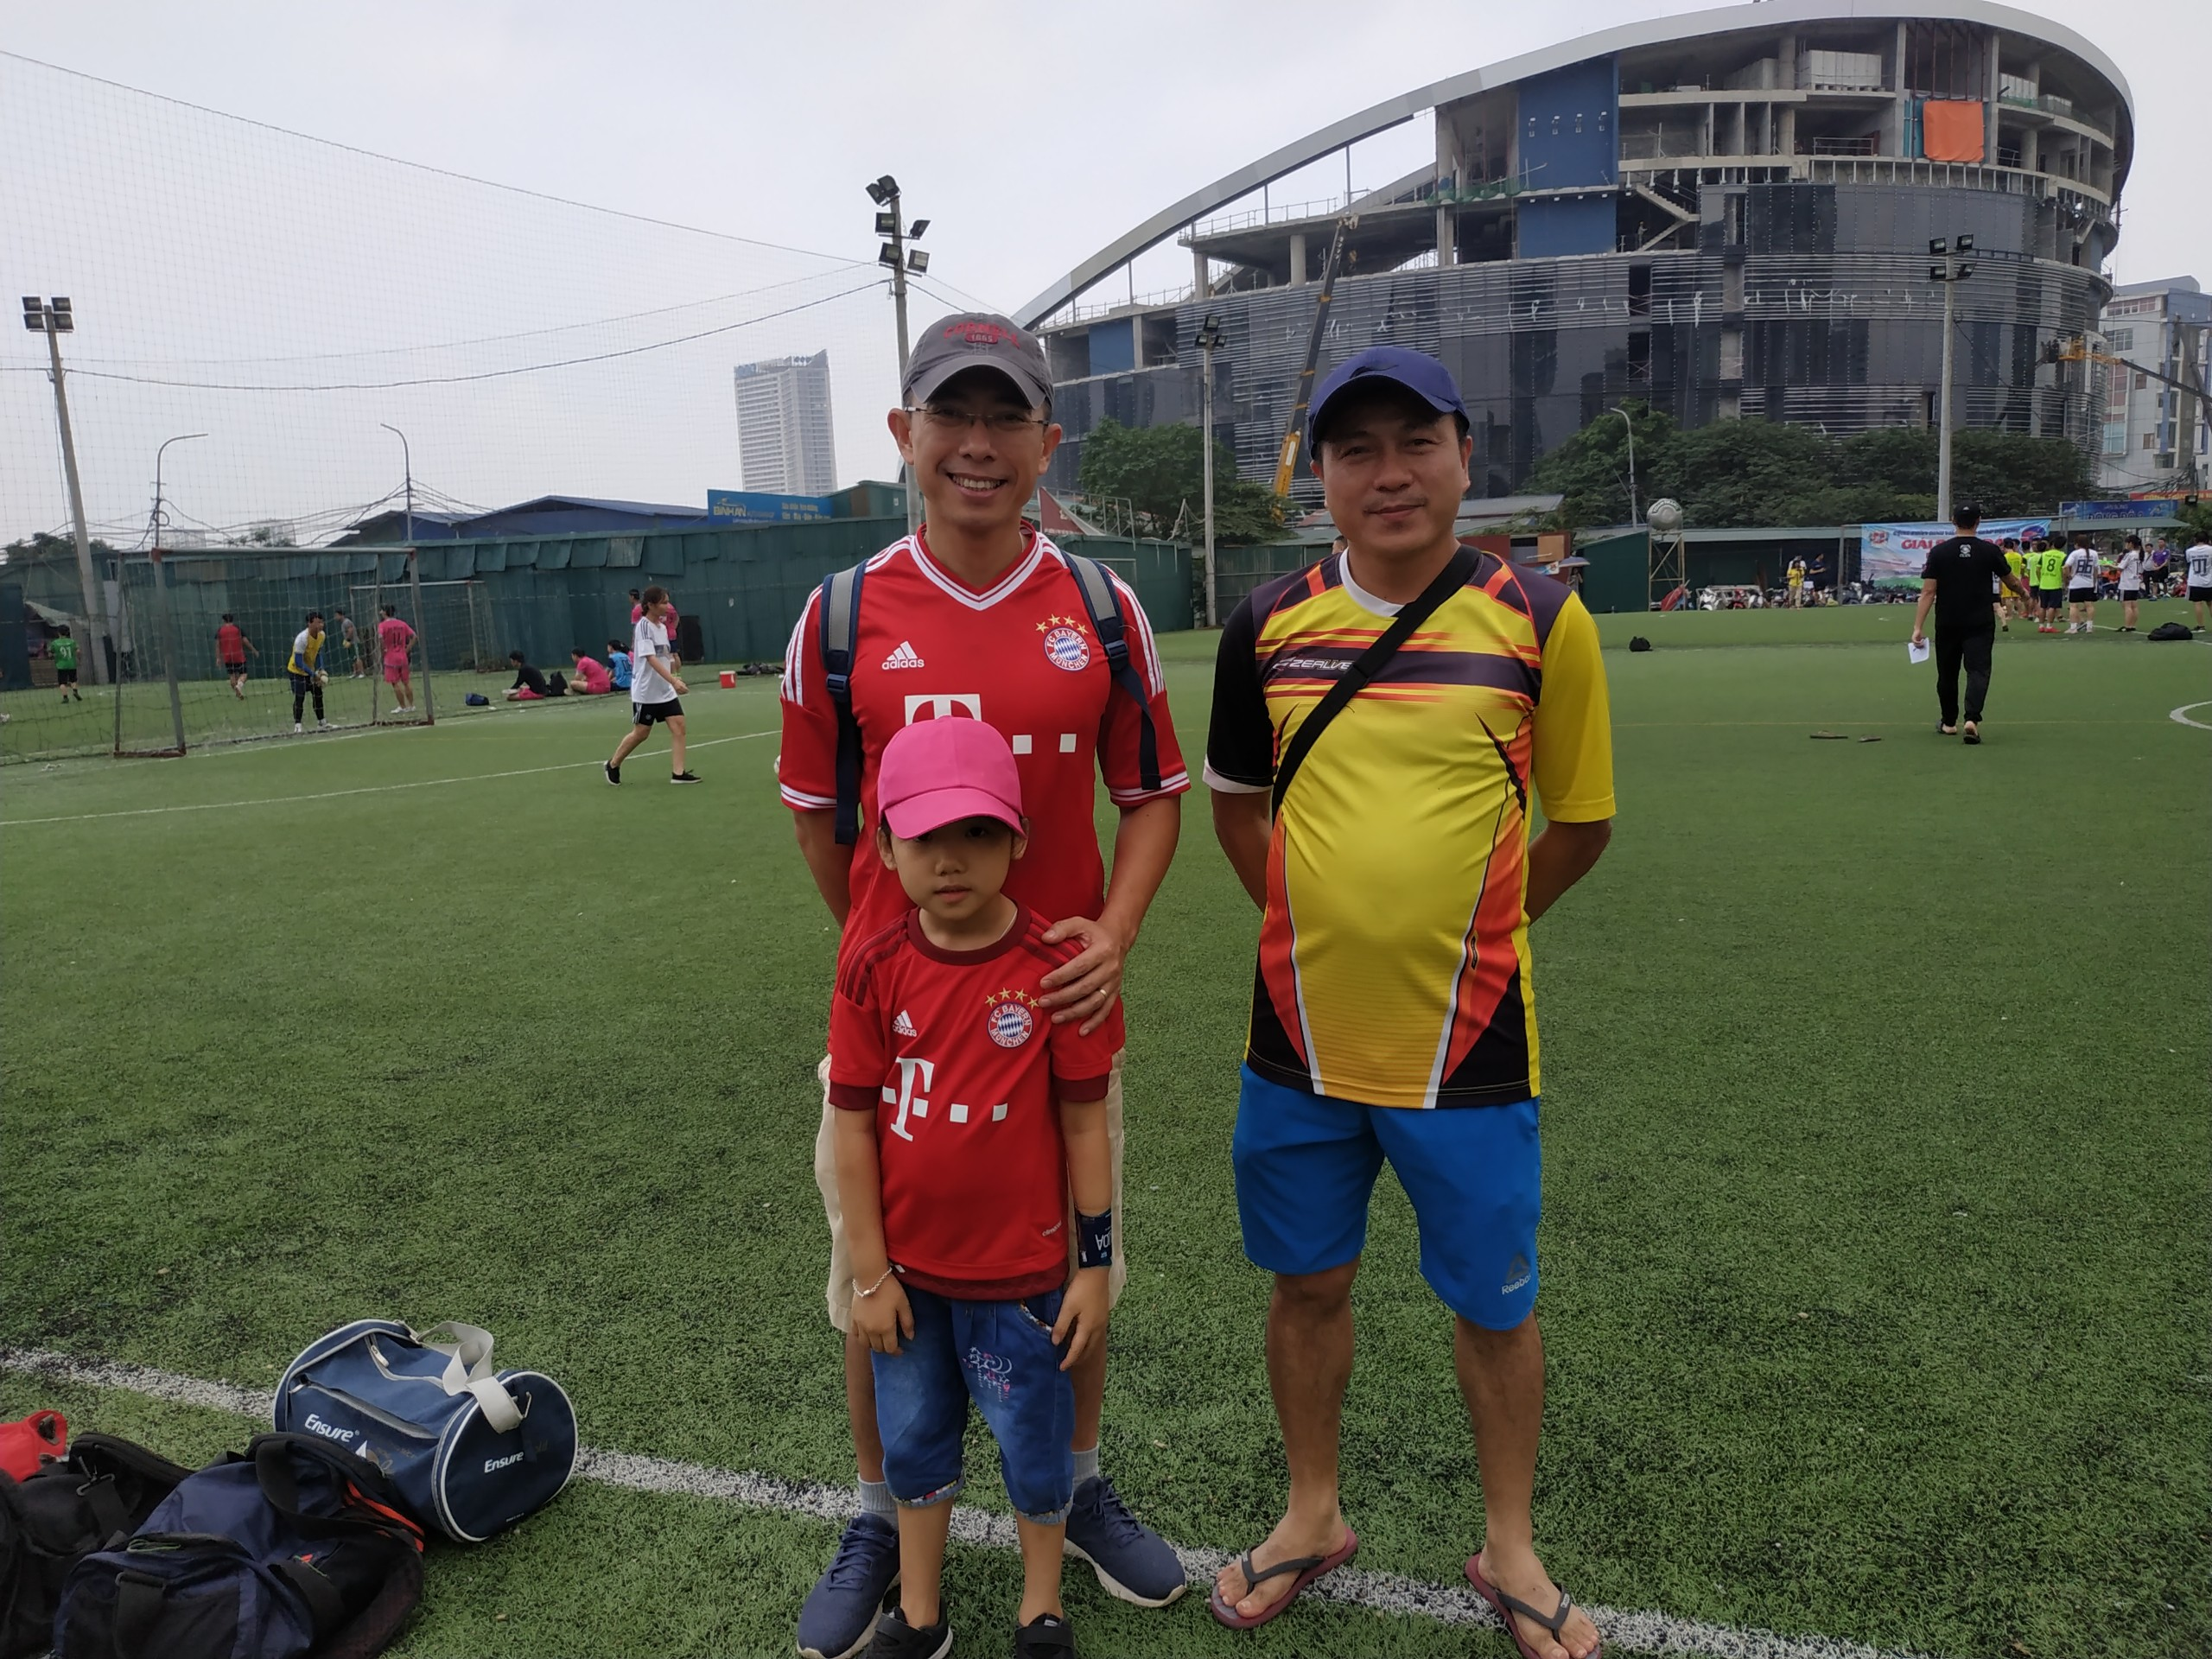 CEO FPT Telecom Hoàng Việt Anh, Chủ tịch Liên đoàn Bóng đá nhà 'Cáo' cùng con gái đến cổ vũ cho các cầu thủ.